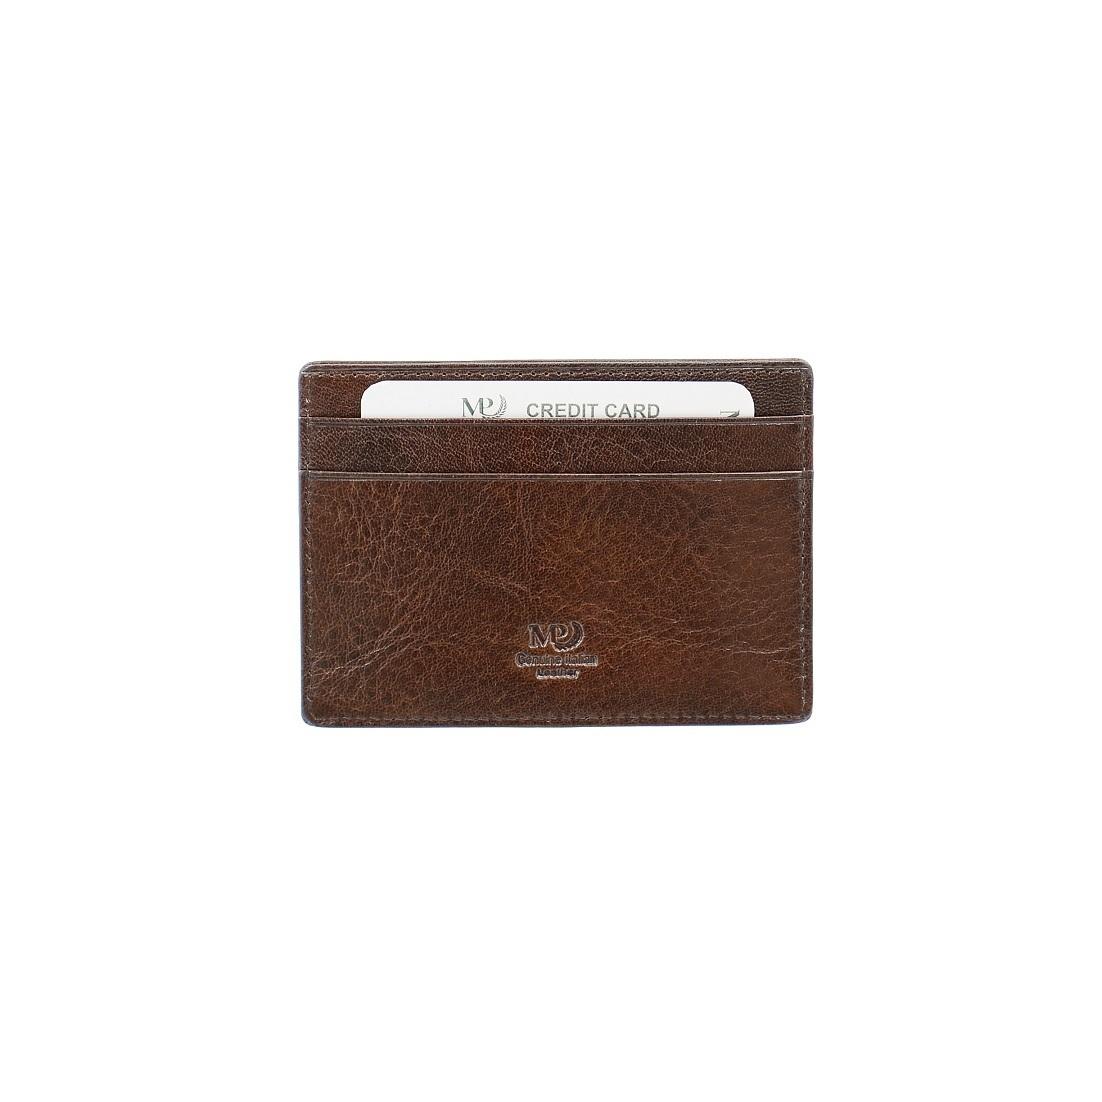 B120256R Ruf - Футляр для карт MP с RFID защитой